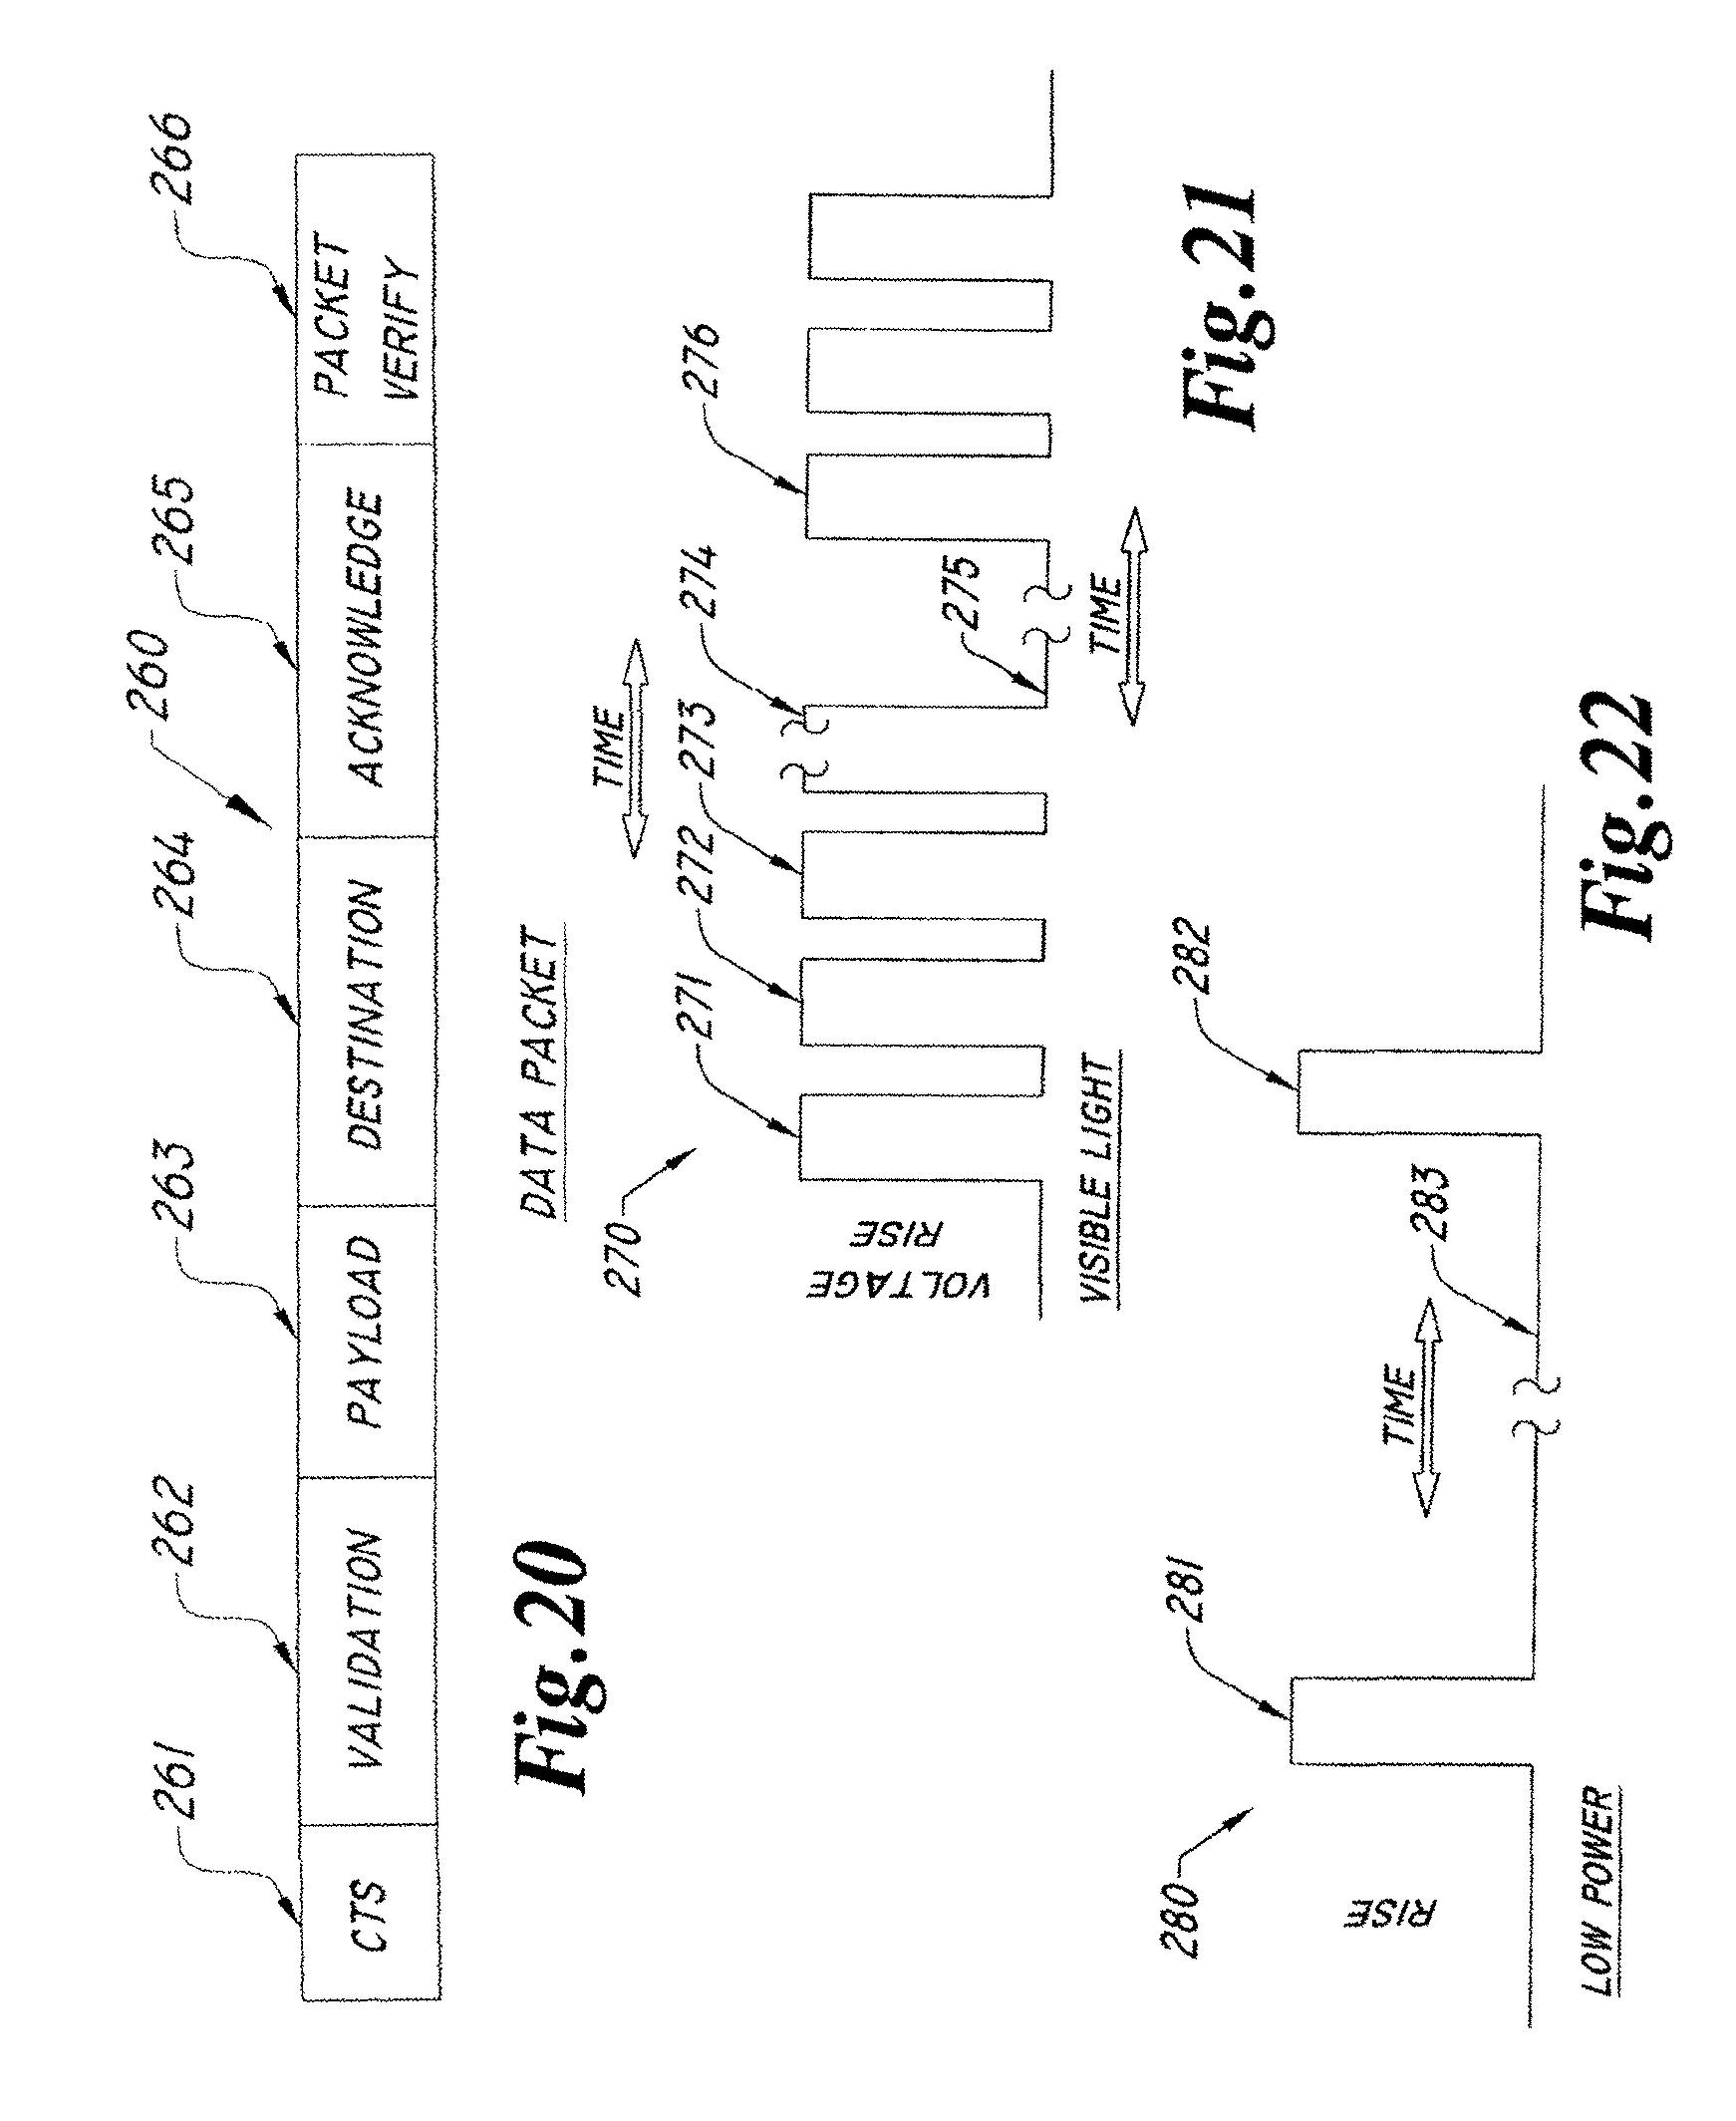 linear lightmeter circuit circuit diagram tradeoficcom indexpatent us 9,655,189 b2linear lightmeter circuit circuit diagram tradeoficcom 3